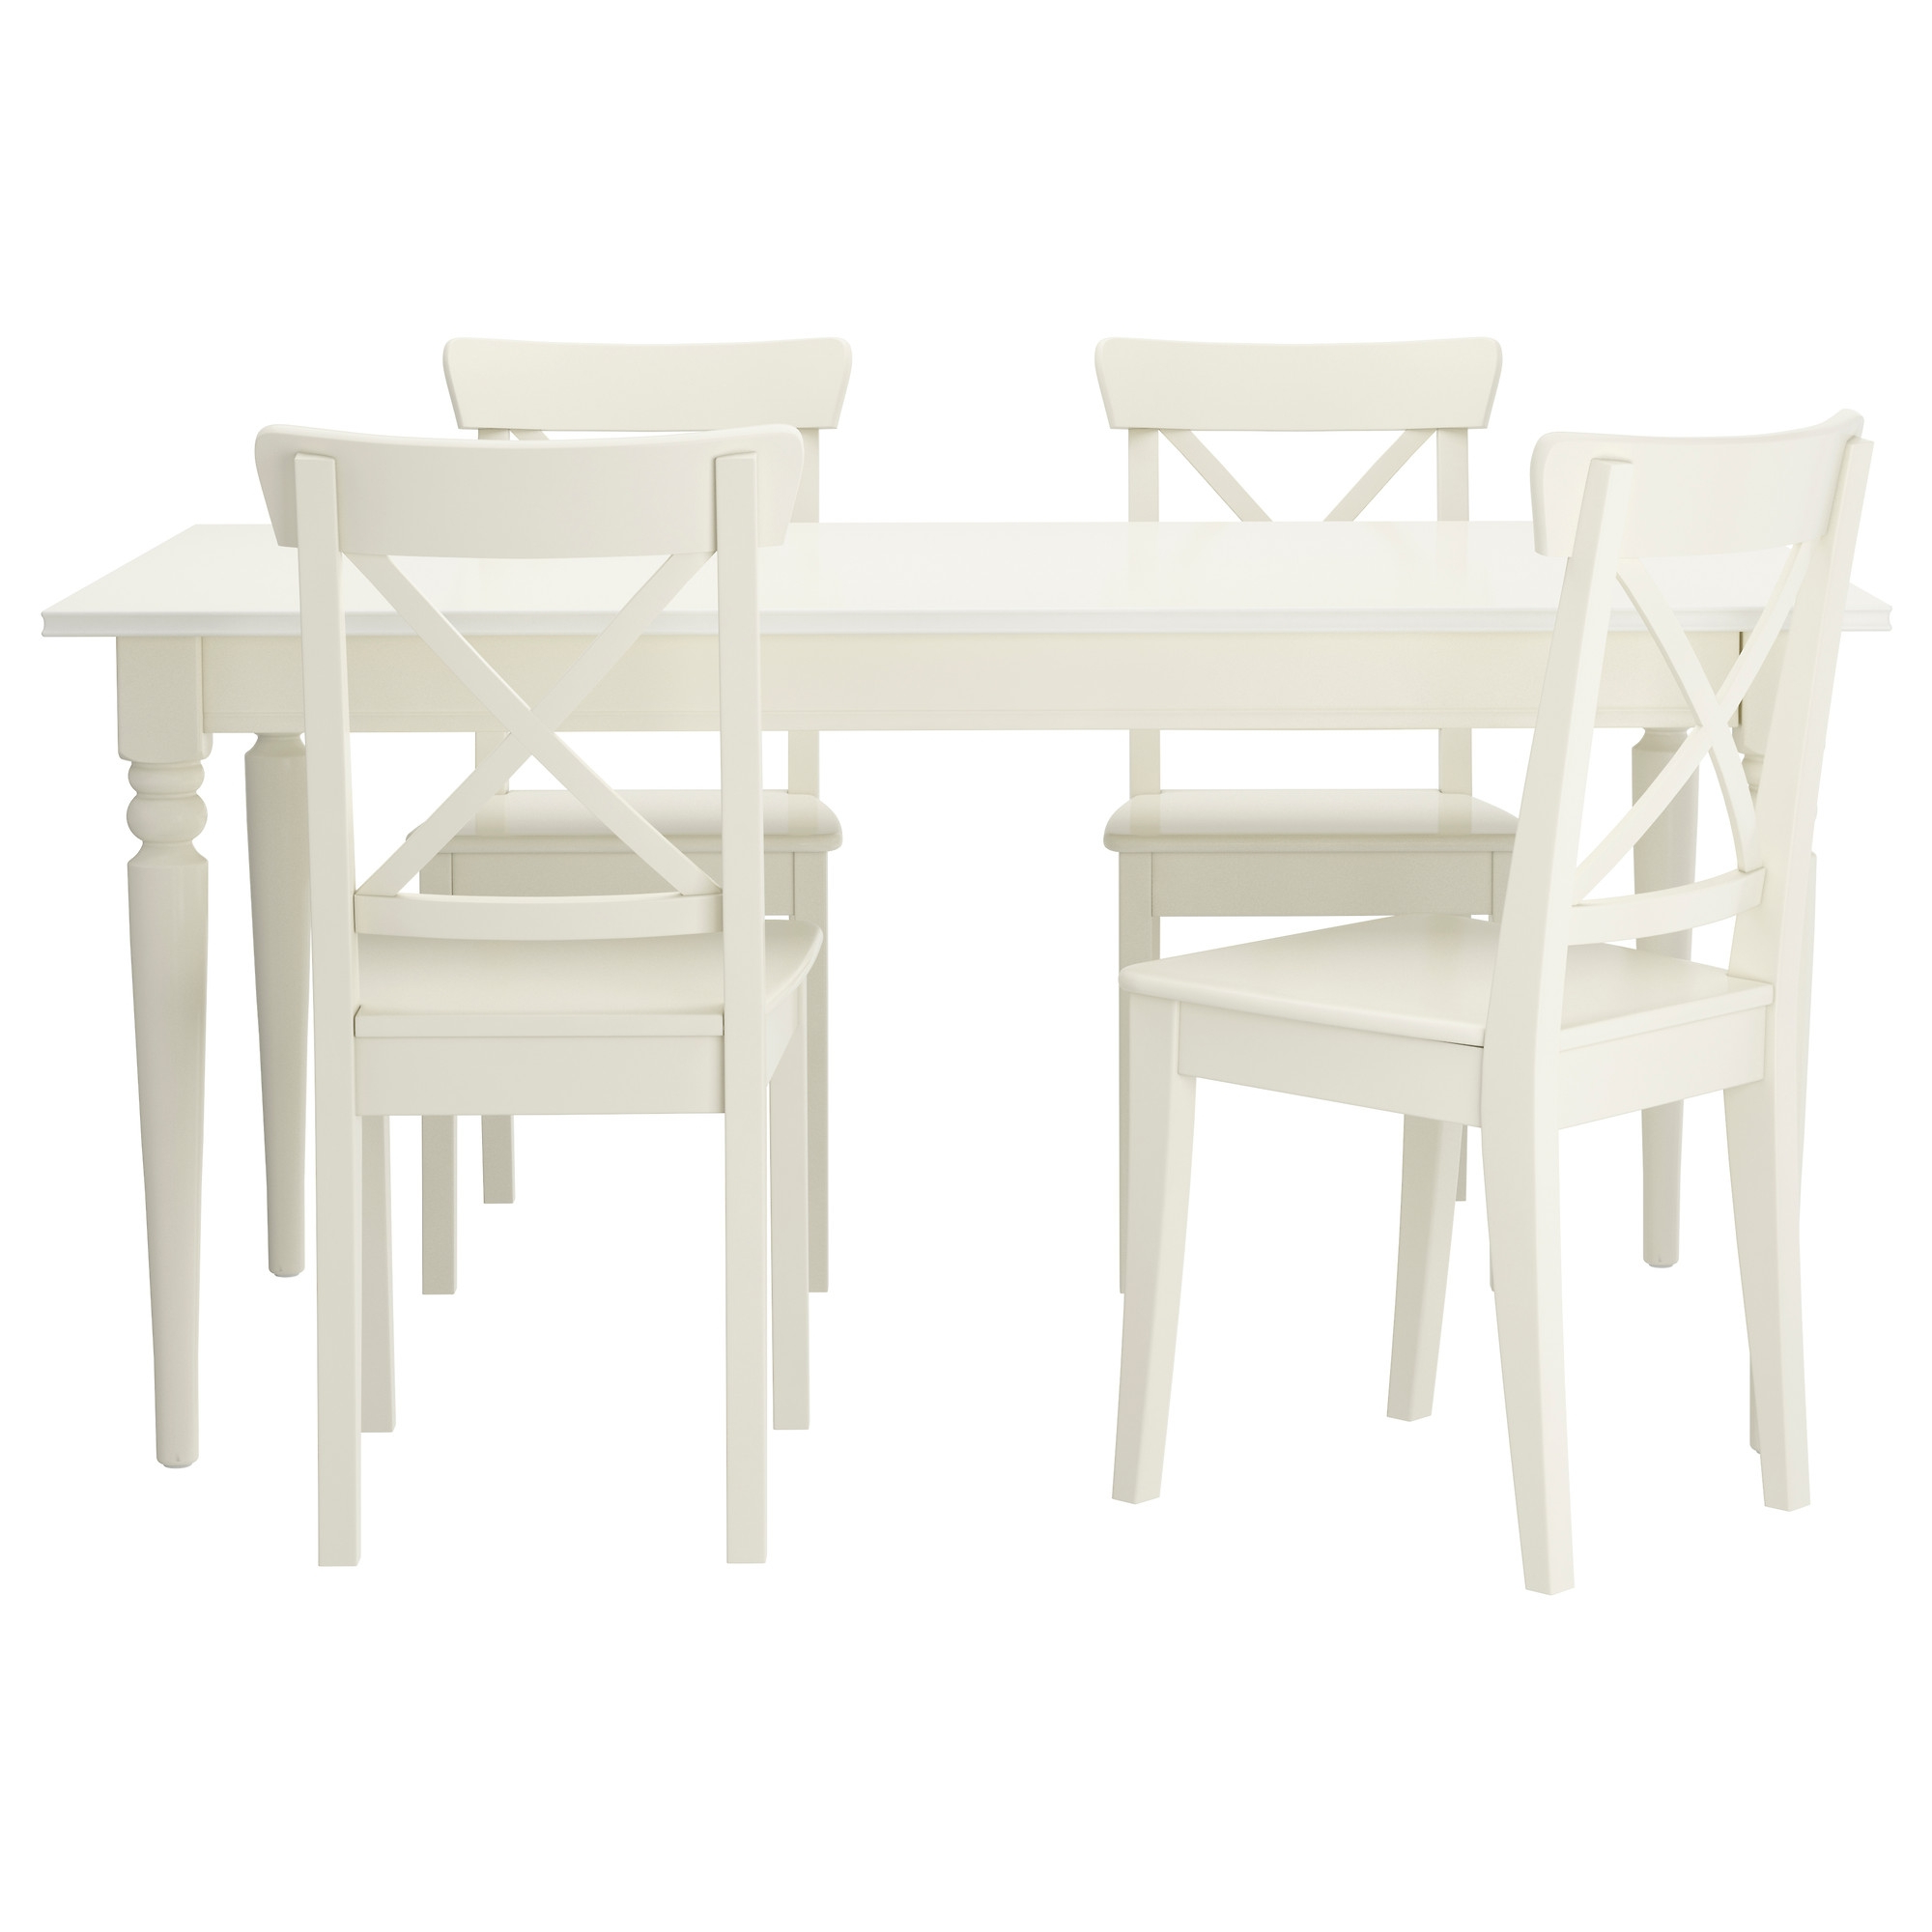 Sillas De Cocina Ikea Fmdf Ingatorp Mesa Con 4 Sillas Sharon Leal